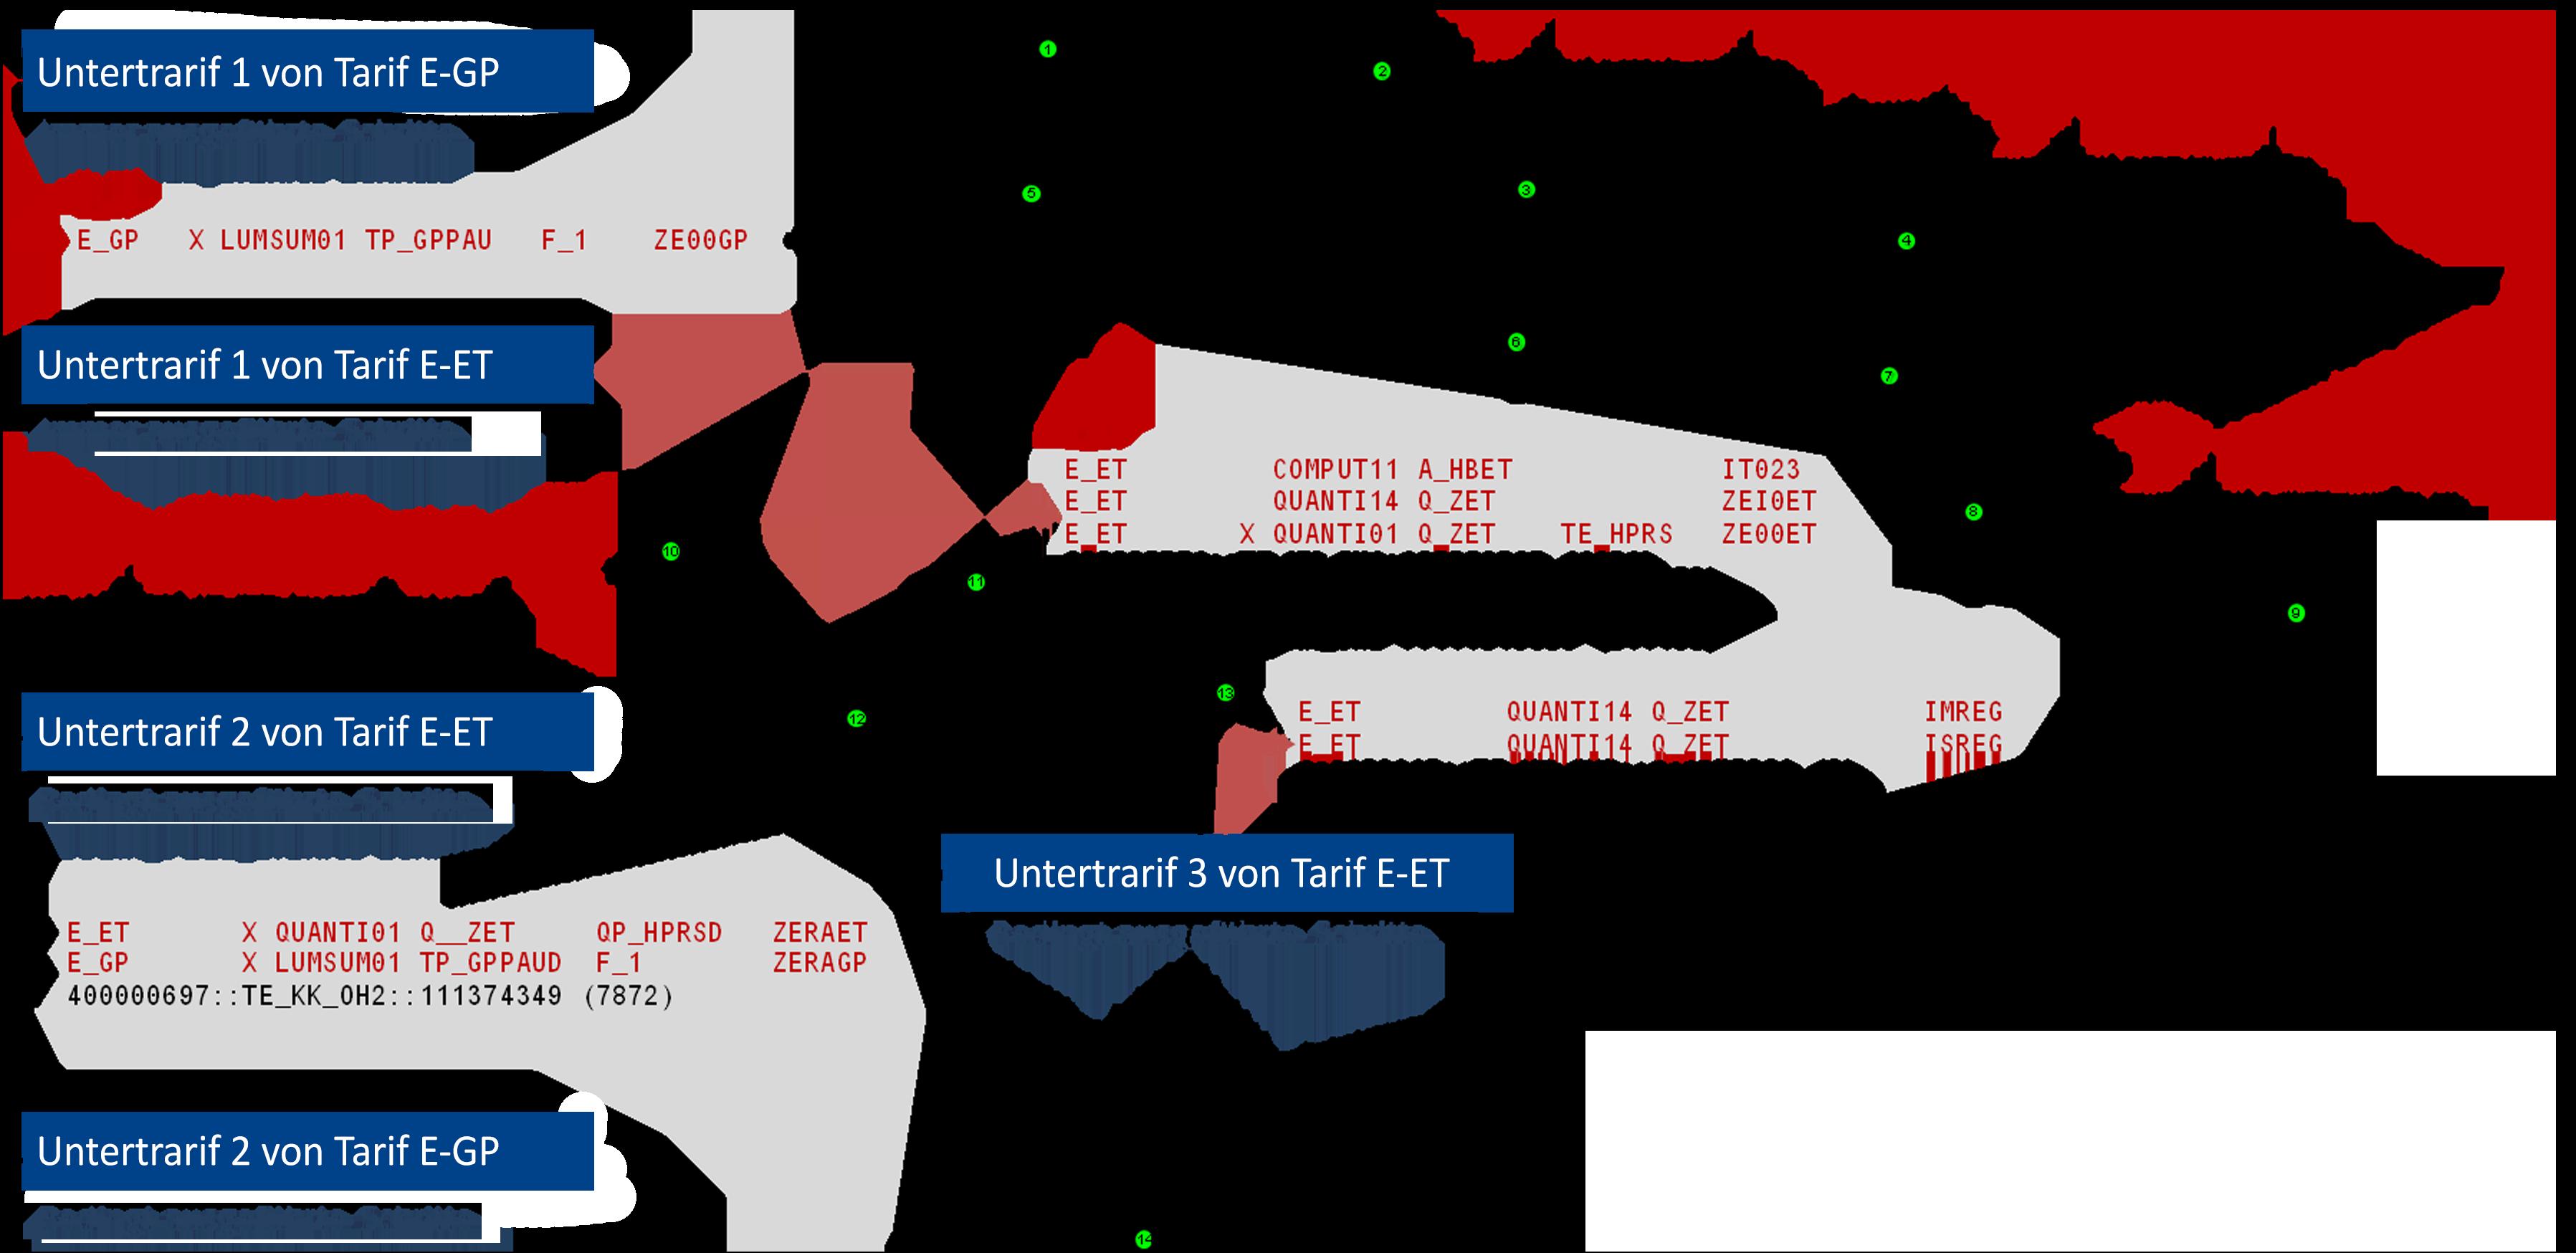 Begriffsverband zur Ermittlung und Beschreibung von im Kundensystem auftretenden Untertarif-Kombinationen